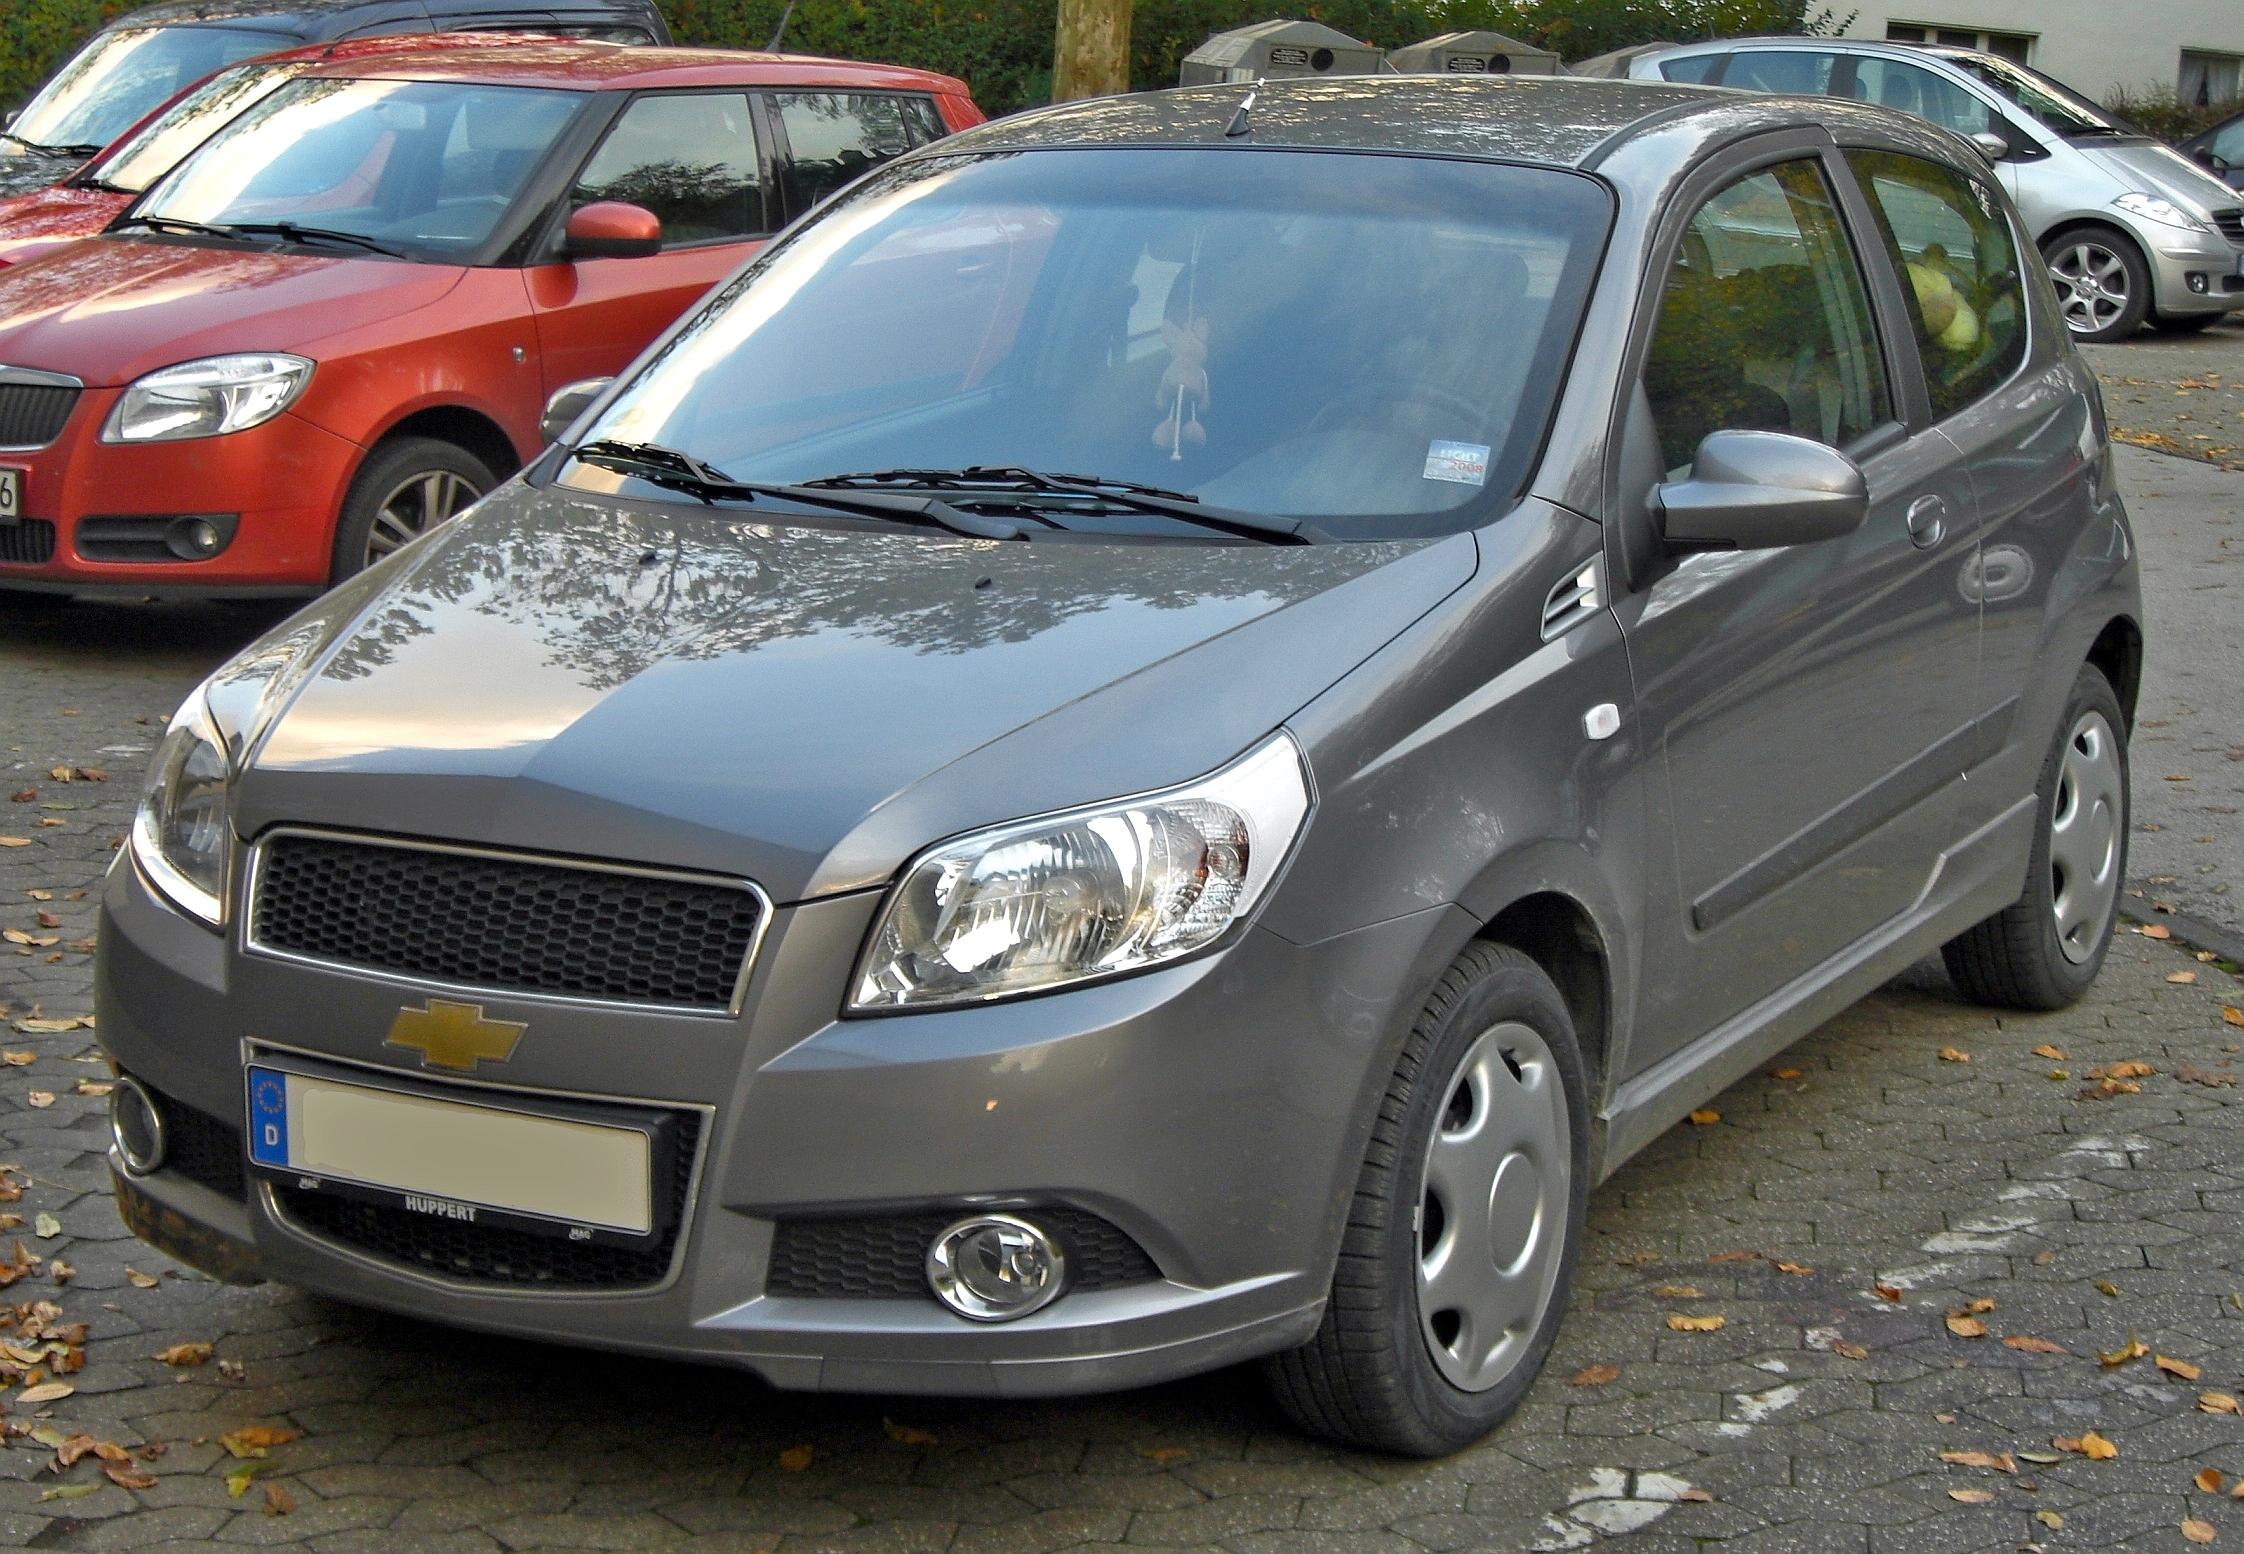 File Chevrolet Aveo Dreiturer Seit 2008 Front Mj Jpg Wikimedia Commons